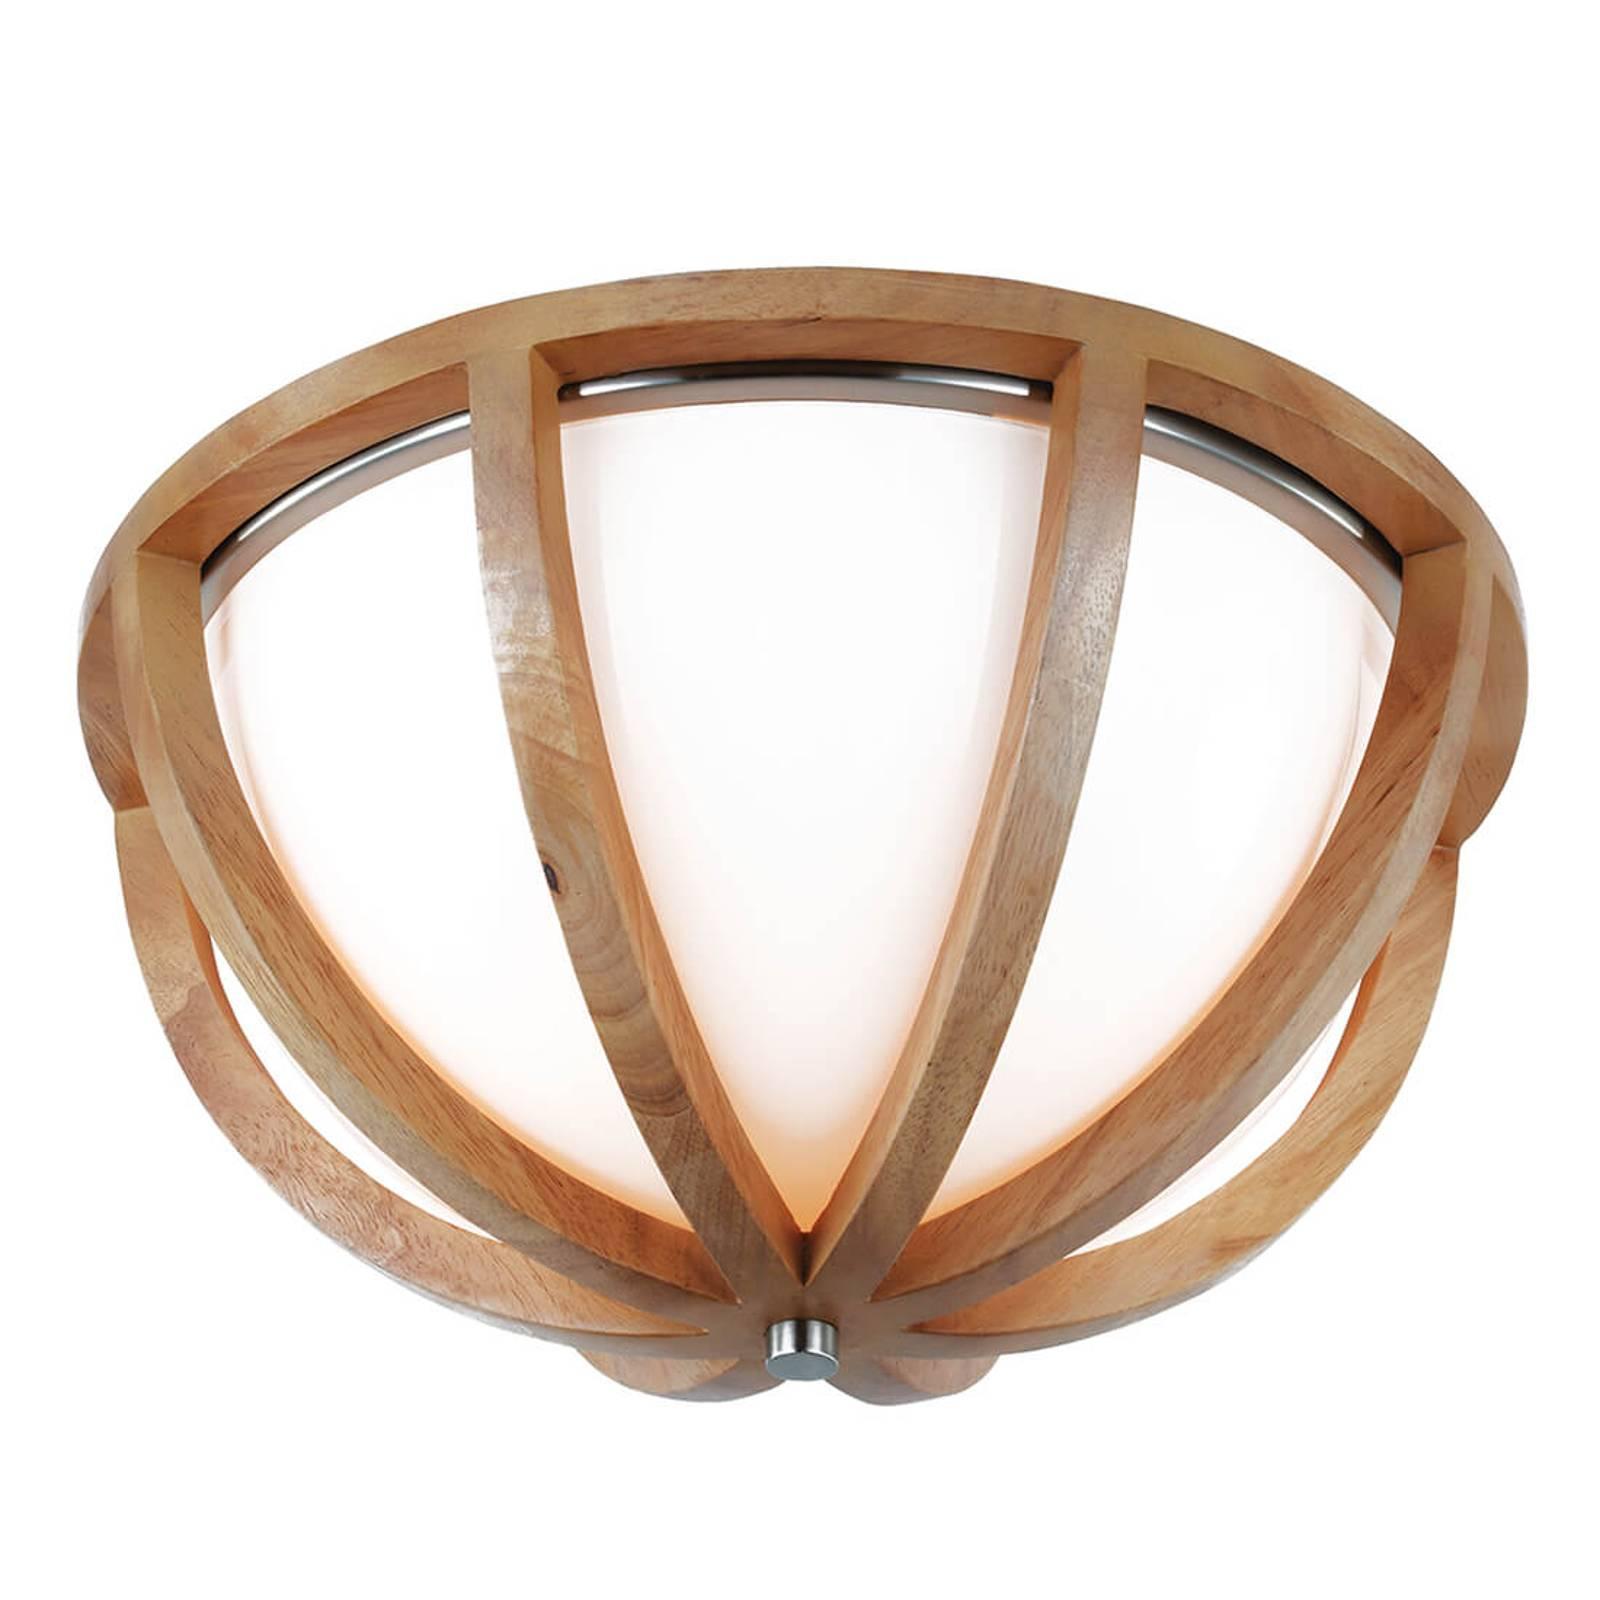 Harmonisch vormgegeven hout-plafondlamp Allier